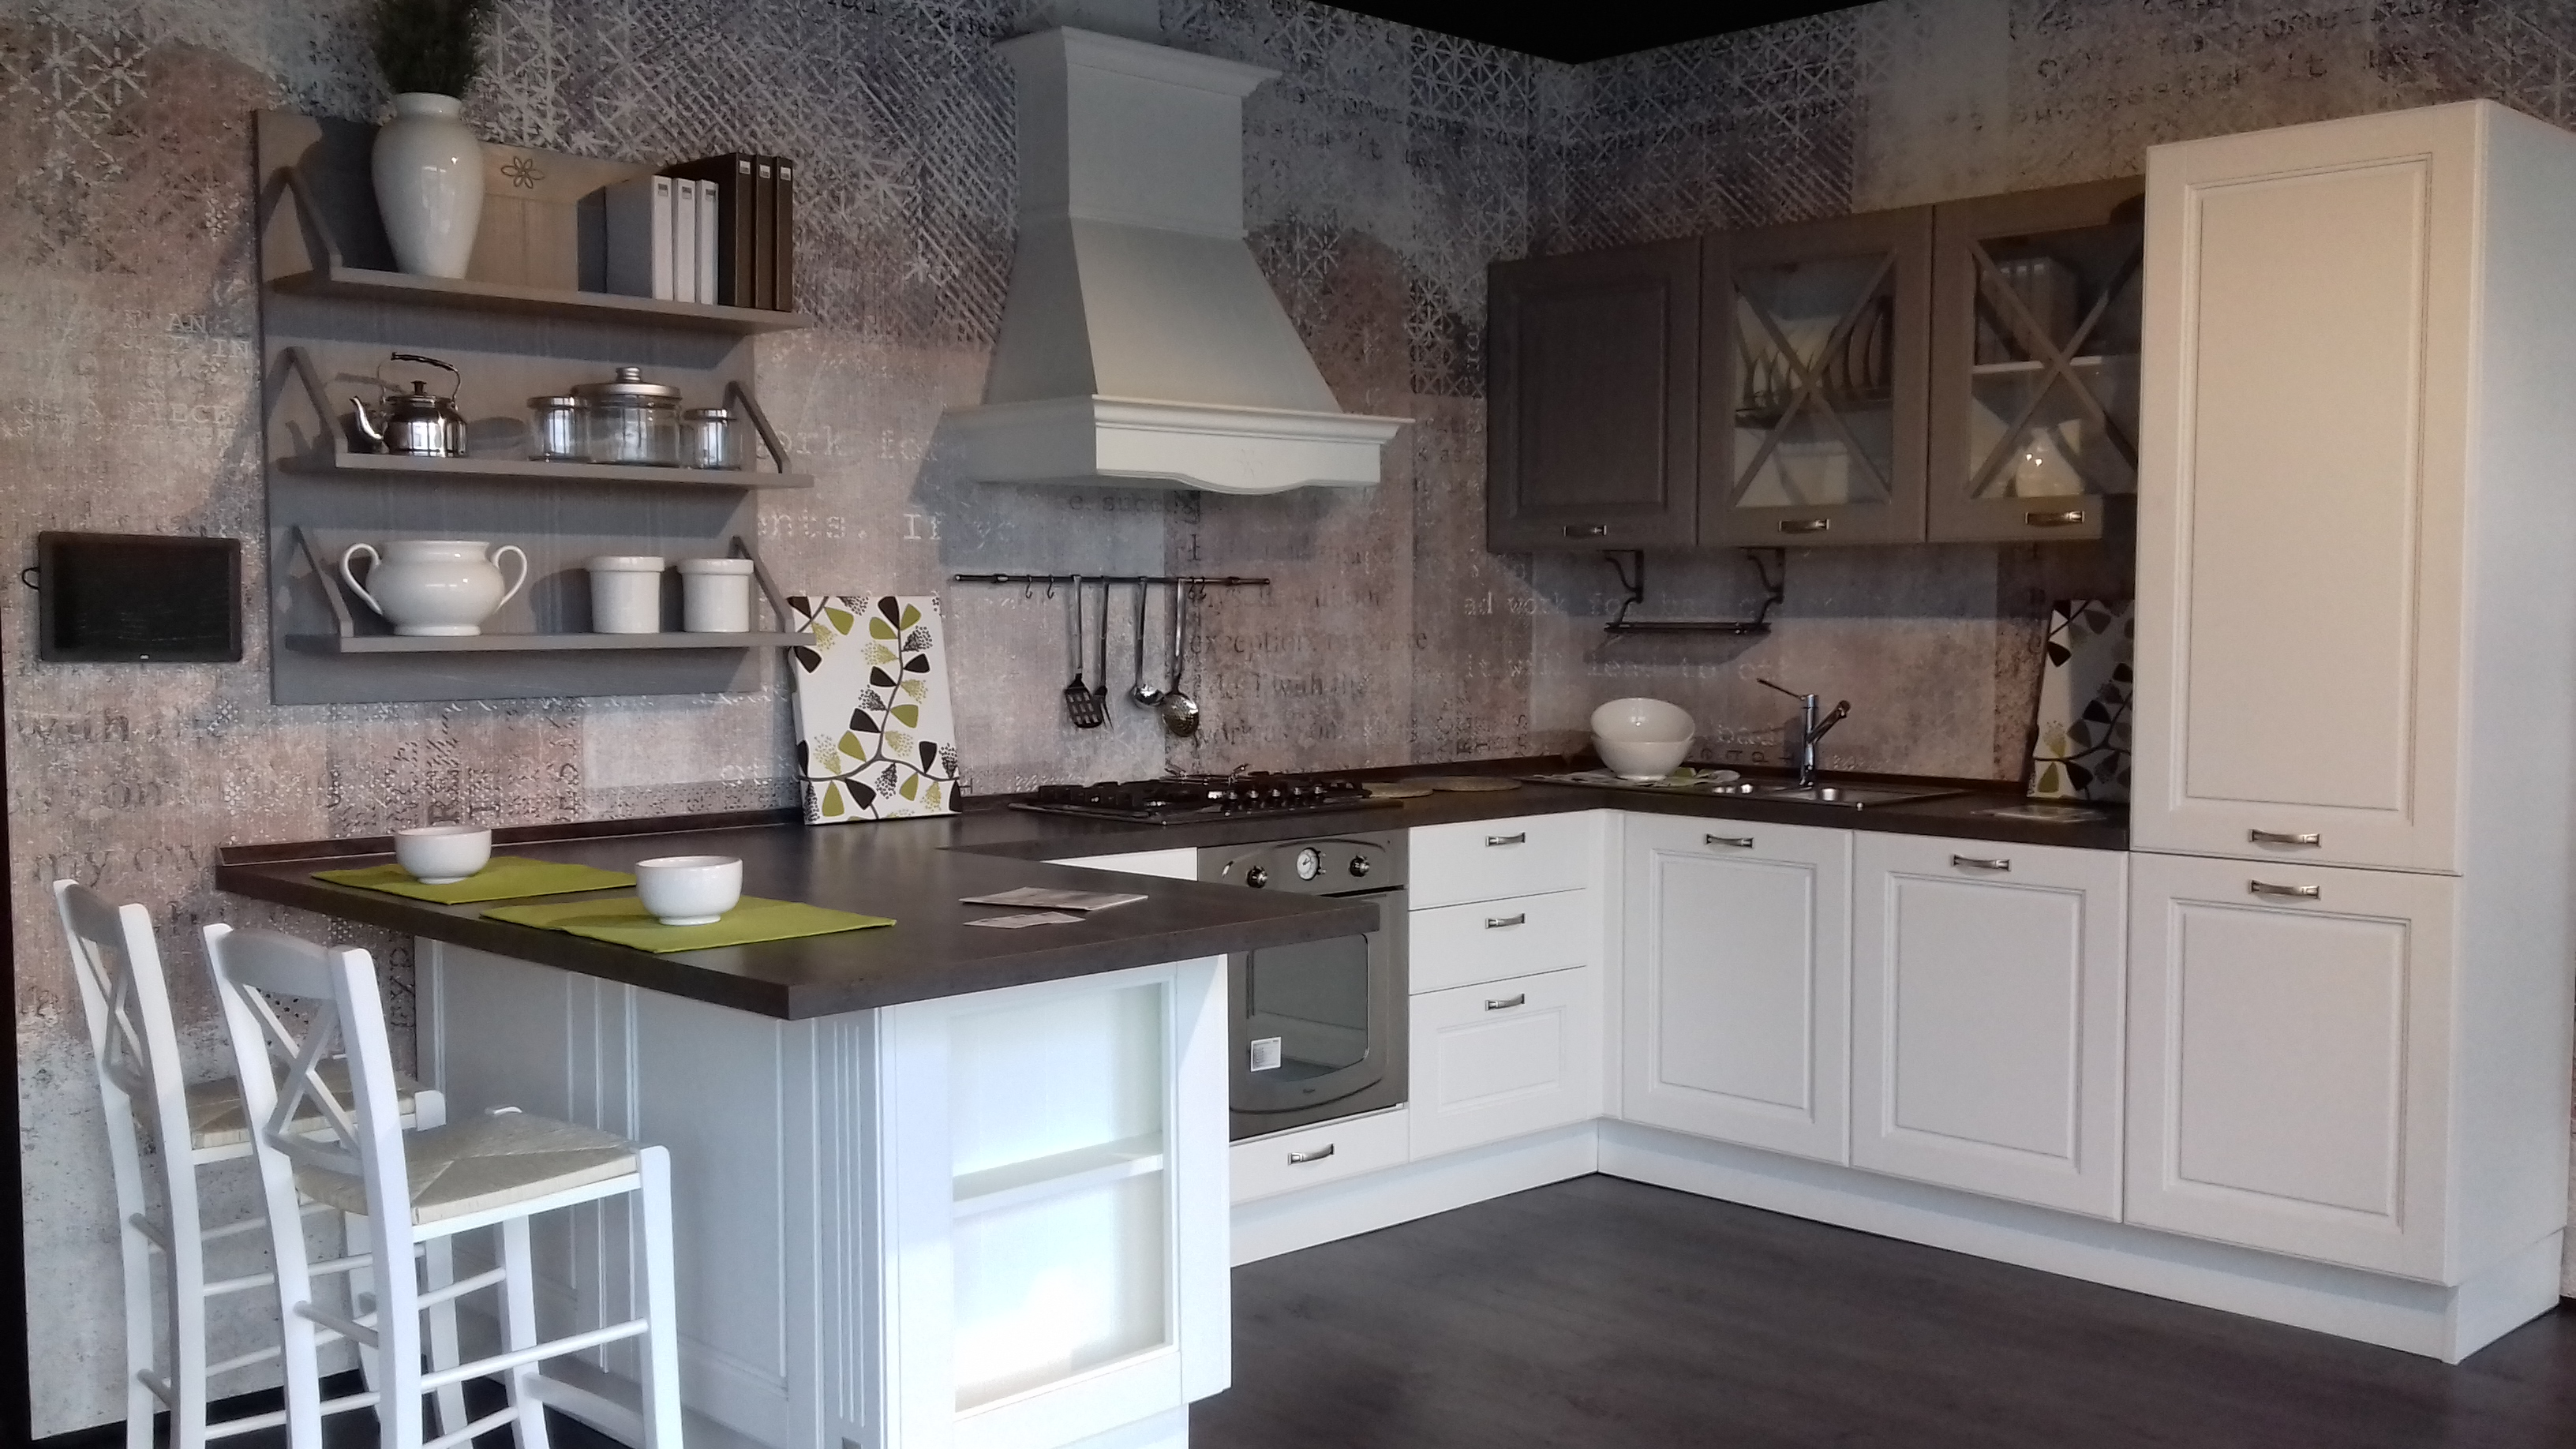 New Cucine Lube Concept Store in Brescia - Cucine Lube